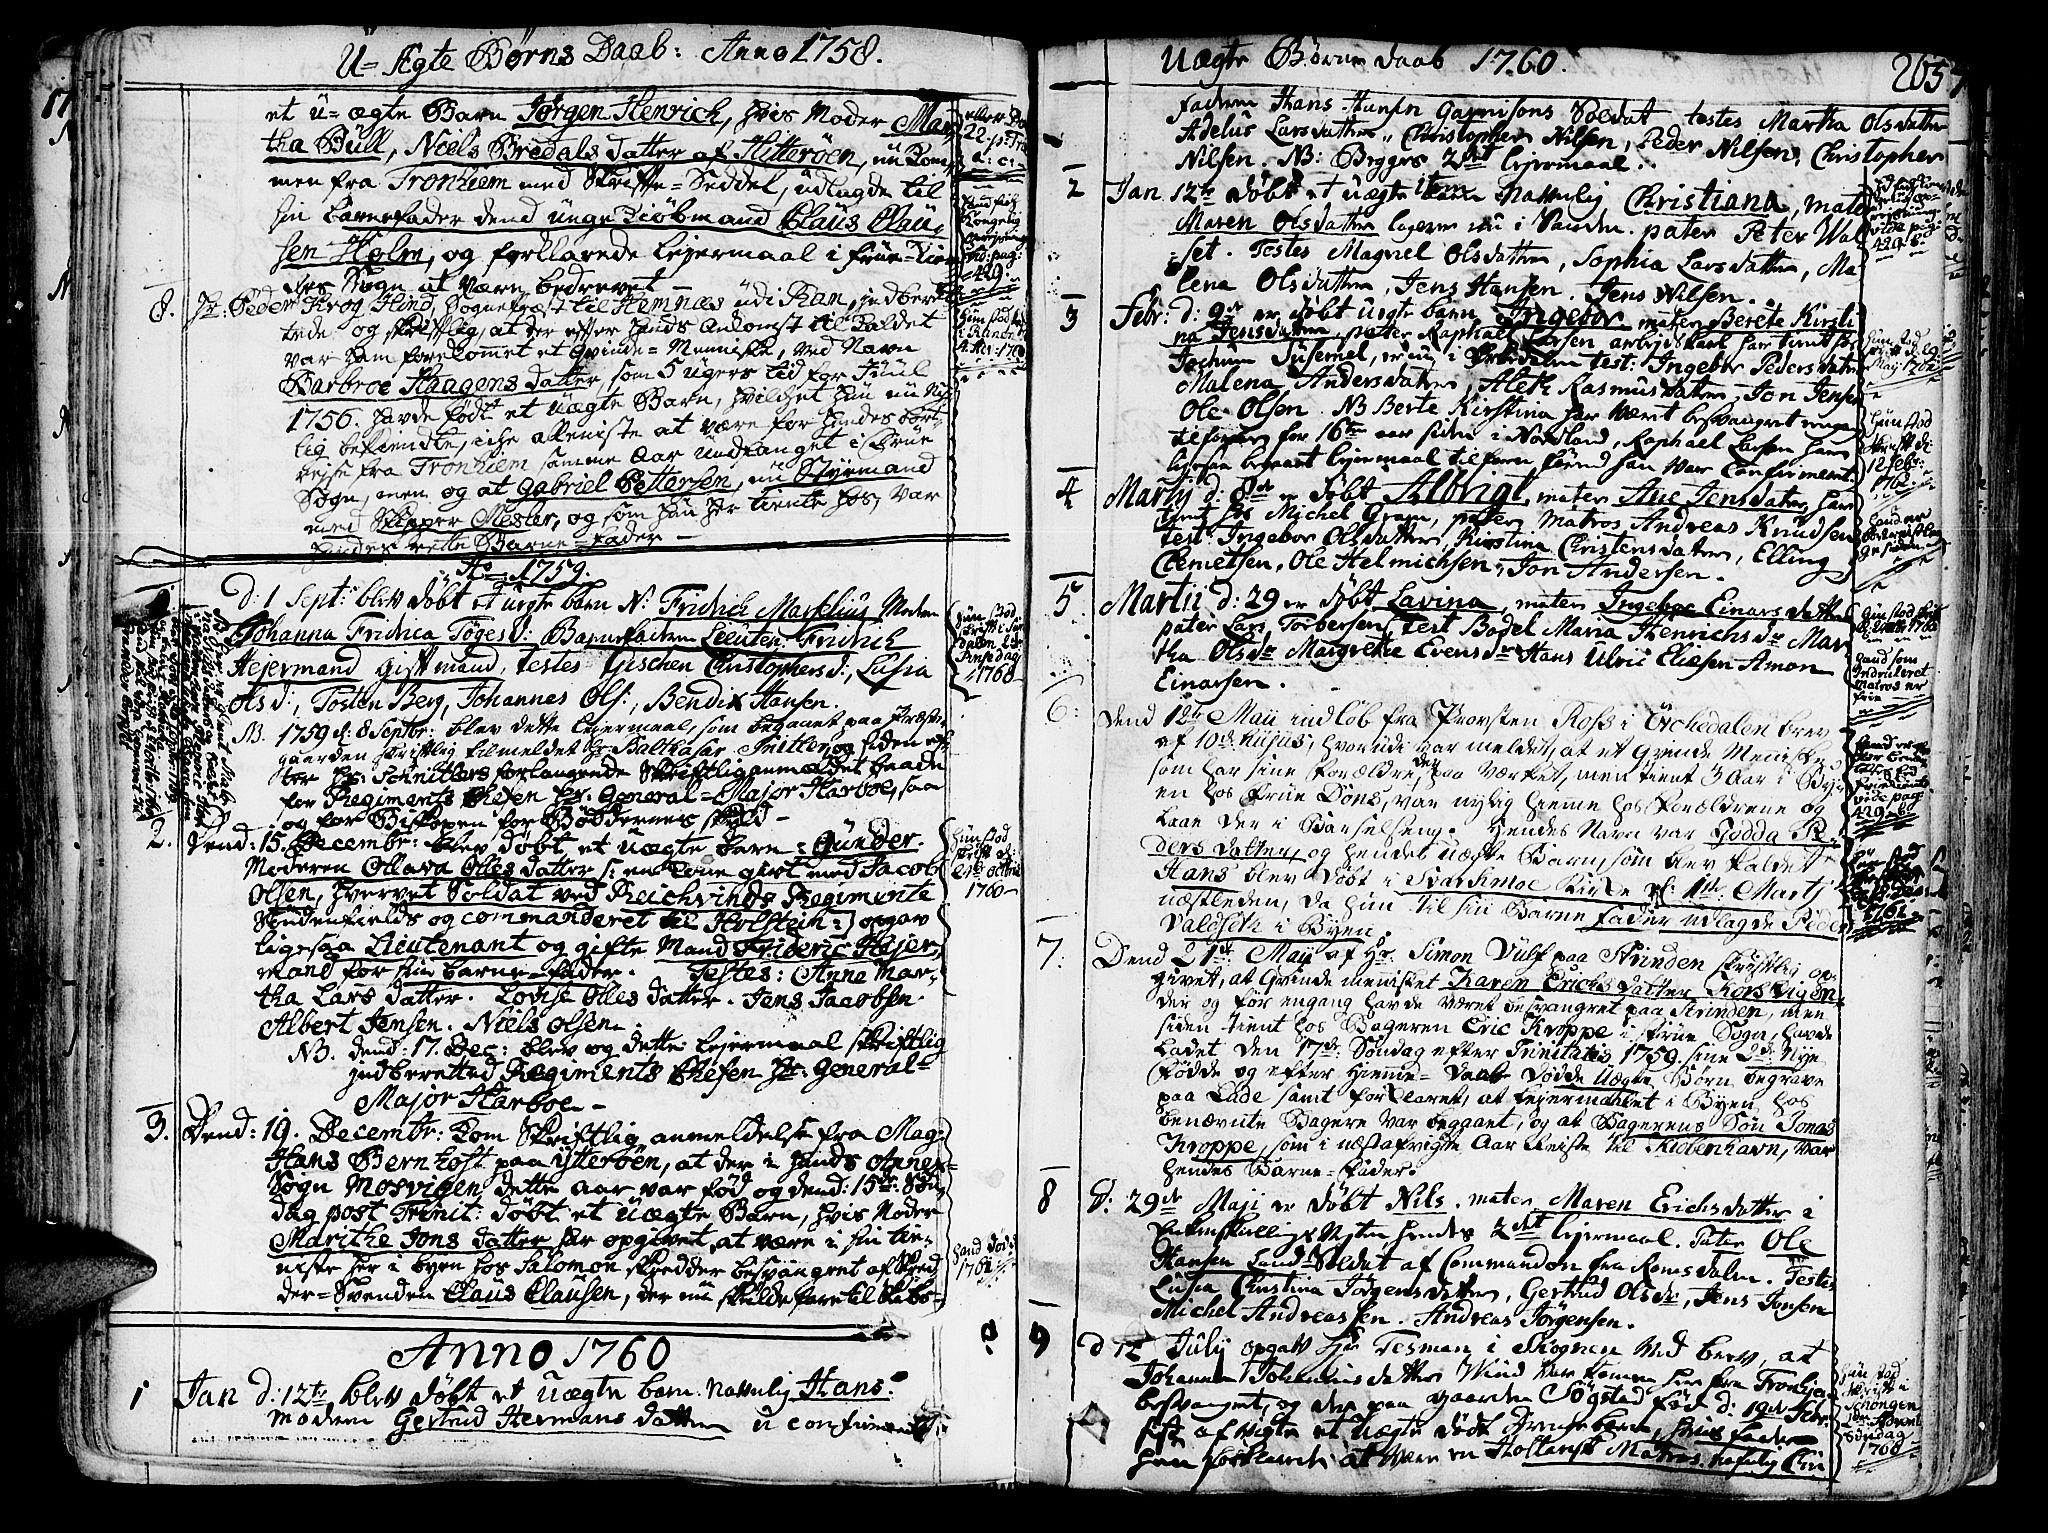 SAT, Ministerialprotokoller, klokkerbøker og fødselsregistre - Sør-Trøndelag, 602/L0103: Ministerialbok nr. 602A01, 1732-1774, s. 265